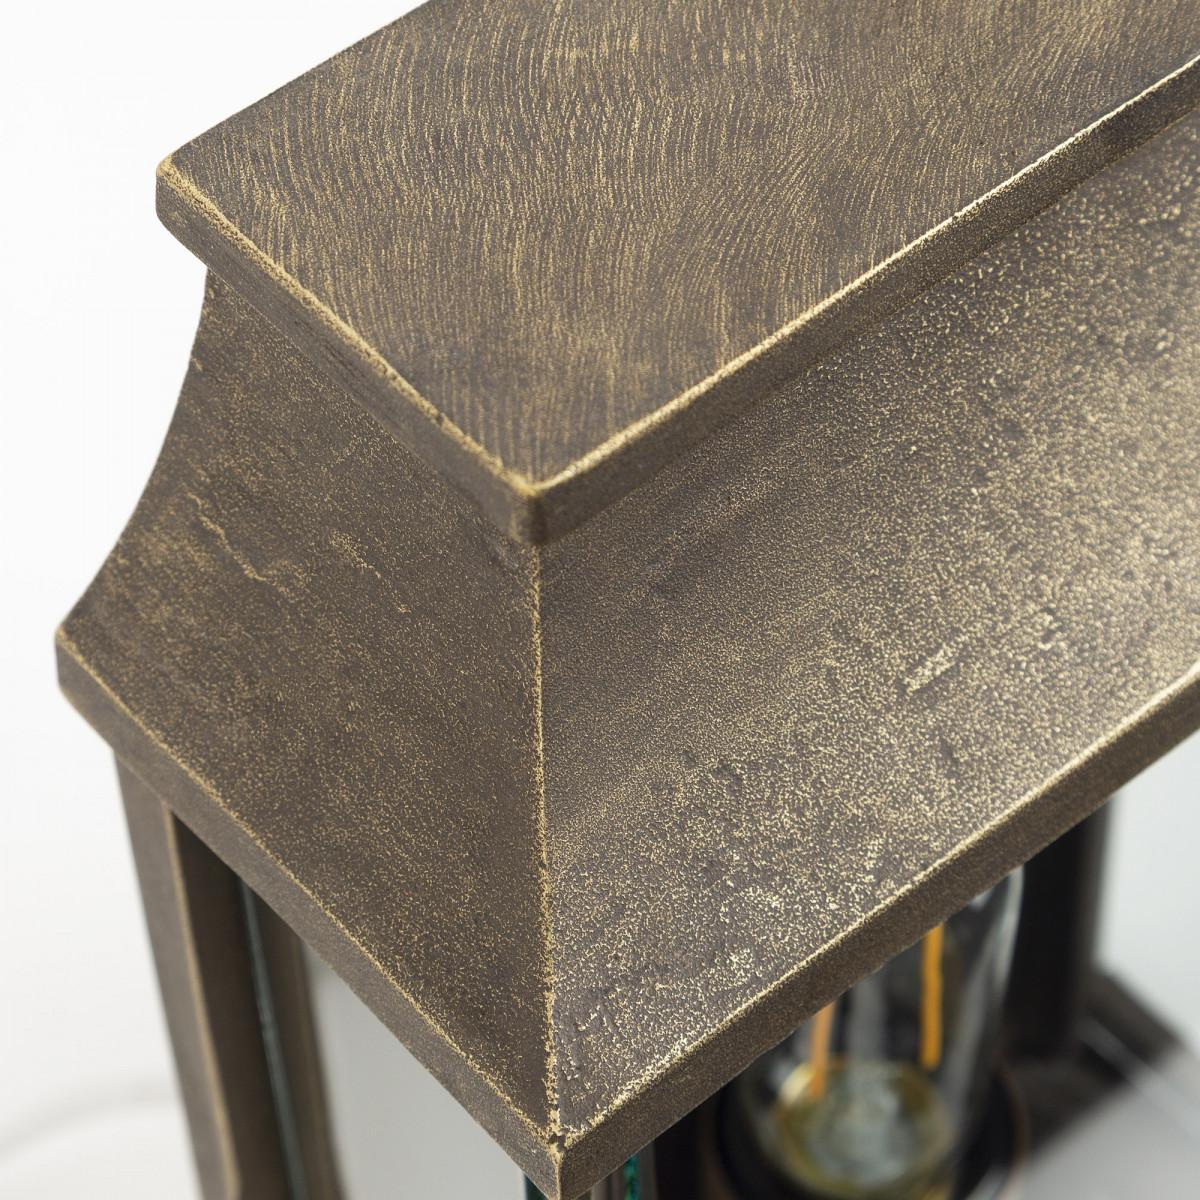 Goteborg - Buitenlamp Vierkant brons